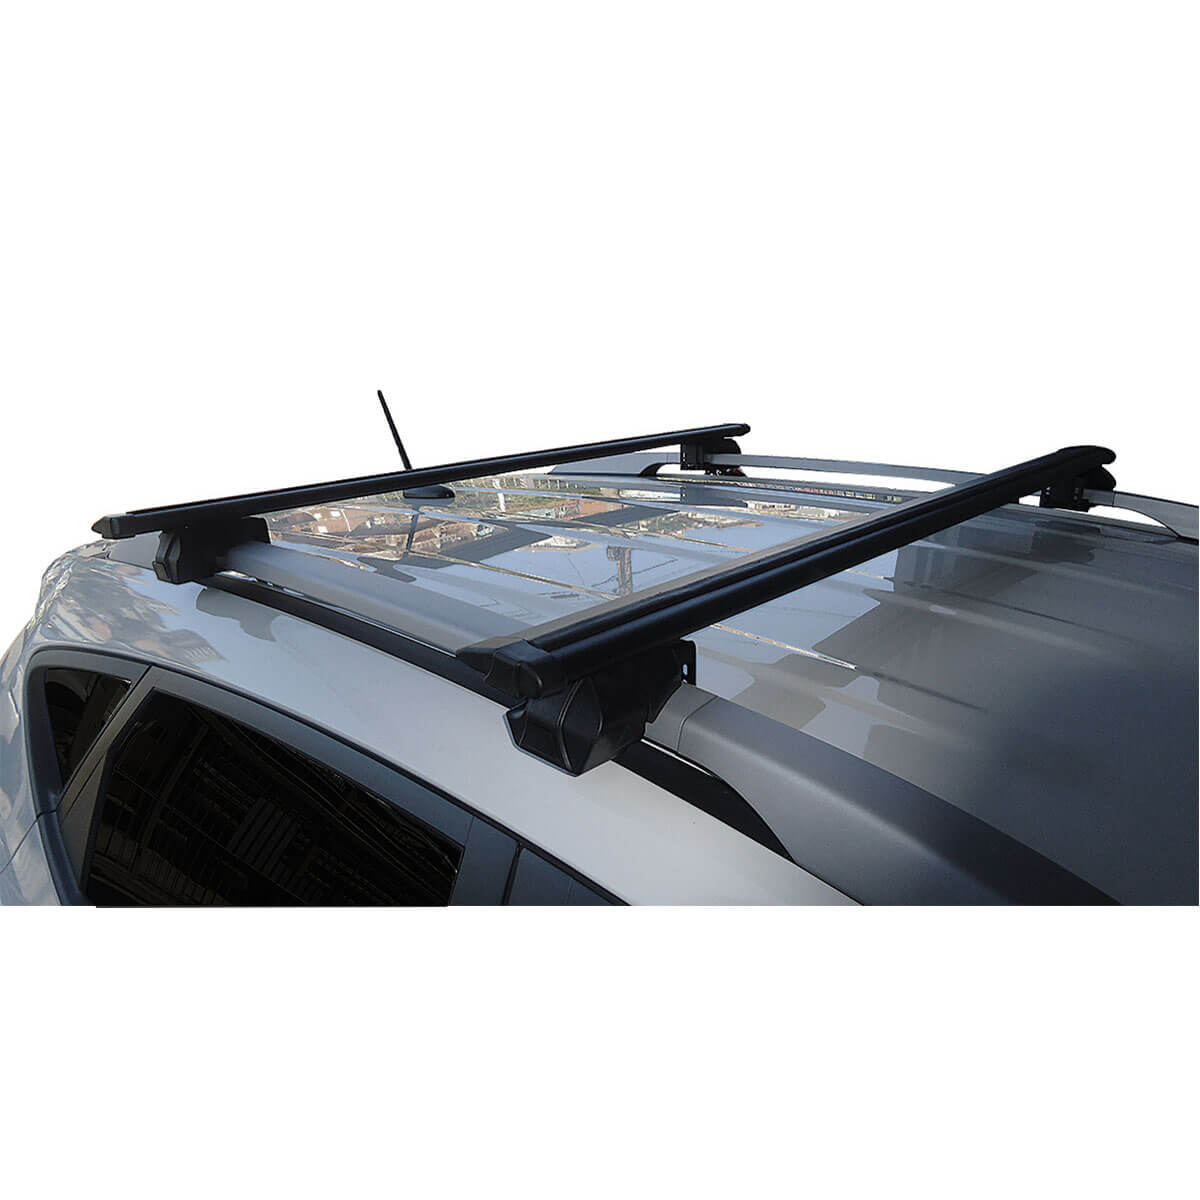 Travessa rack de teto Procargo preta Lifan X60 2013 a 2016 com trava de segurança